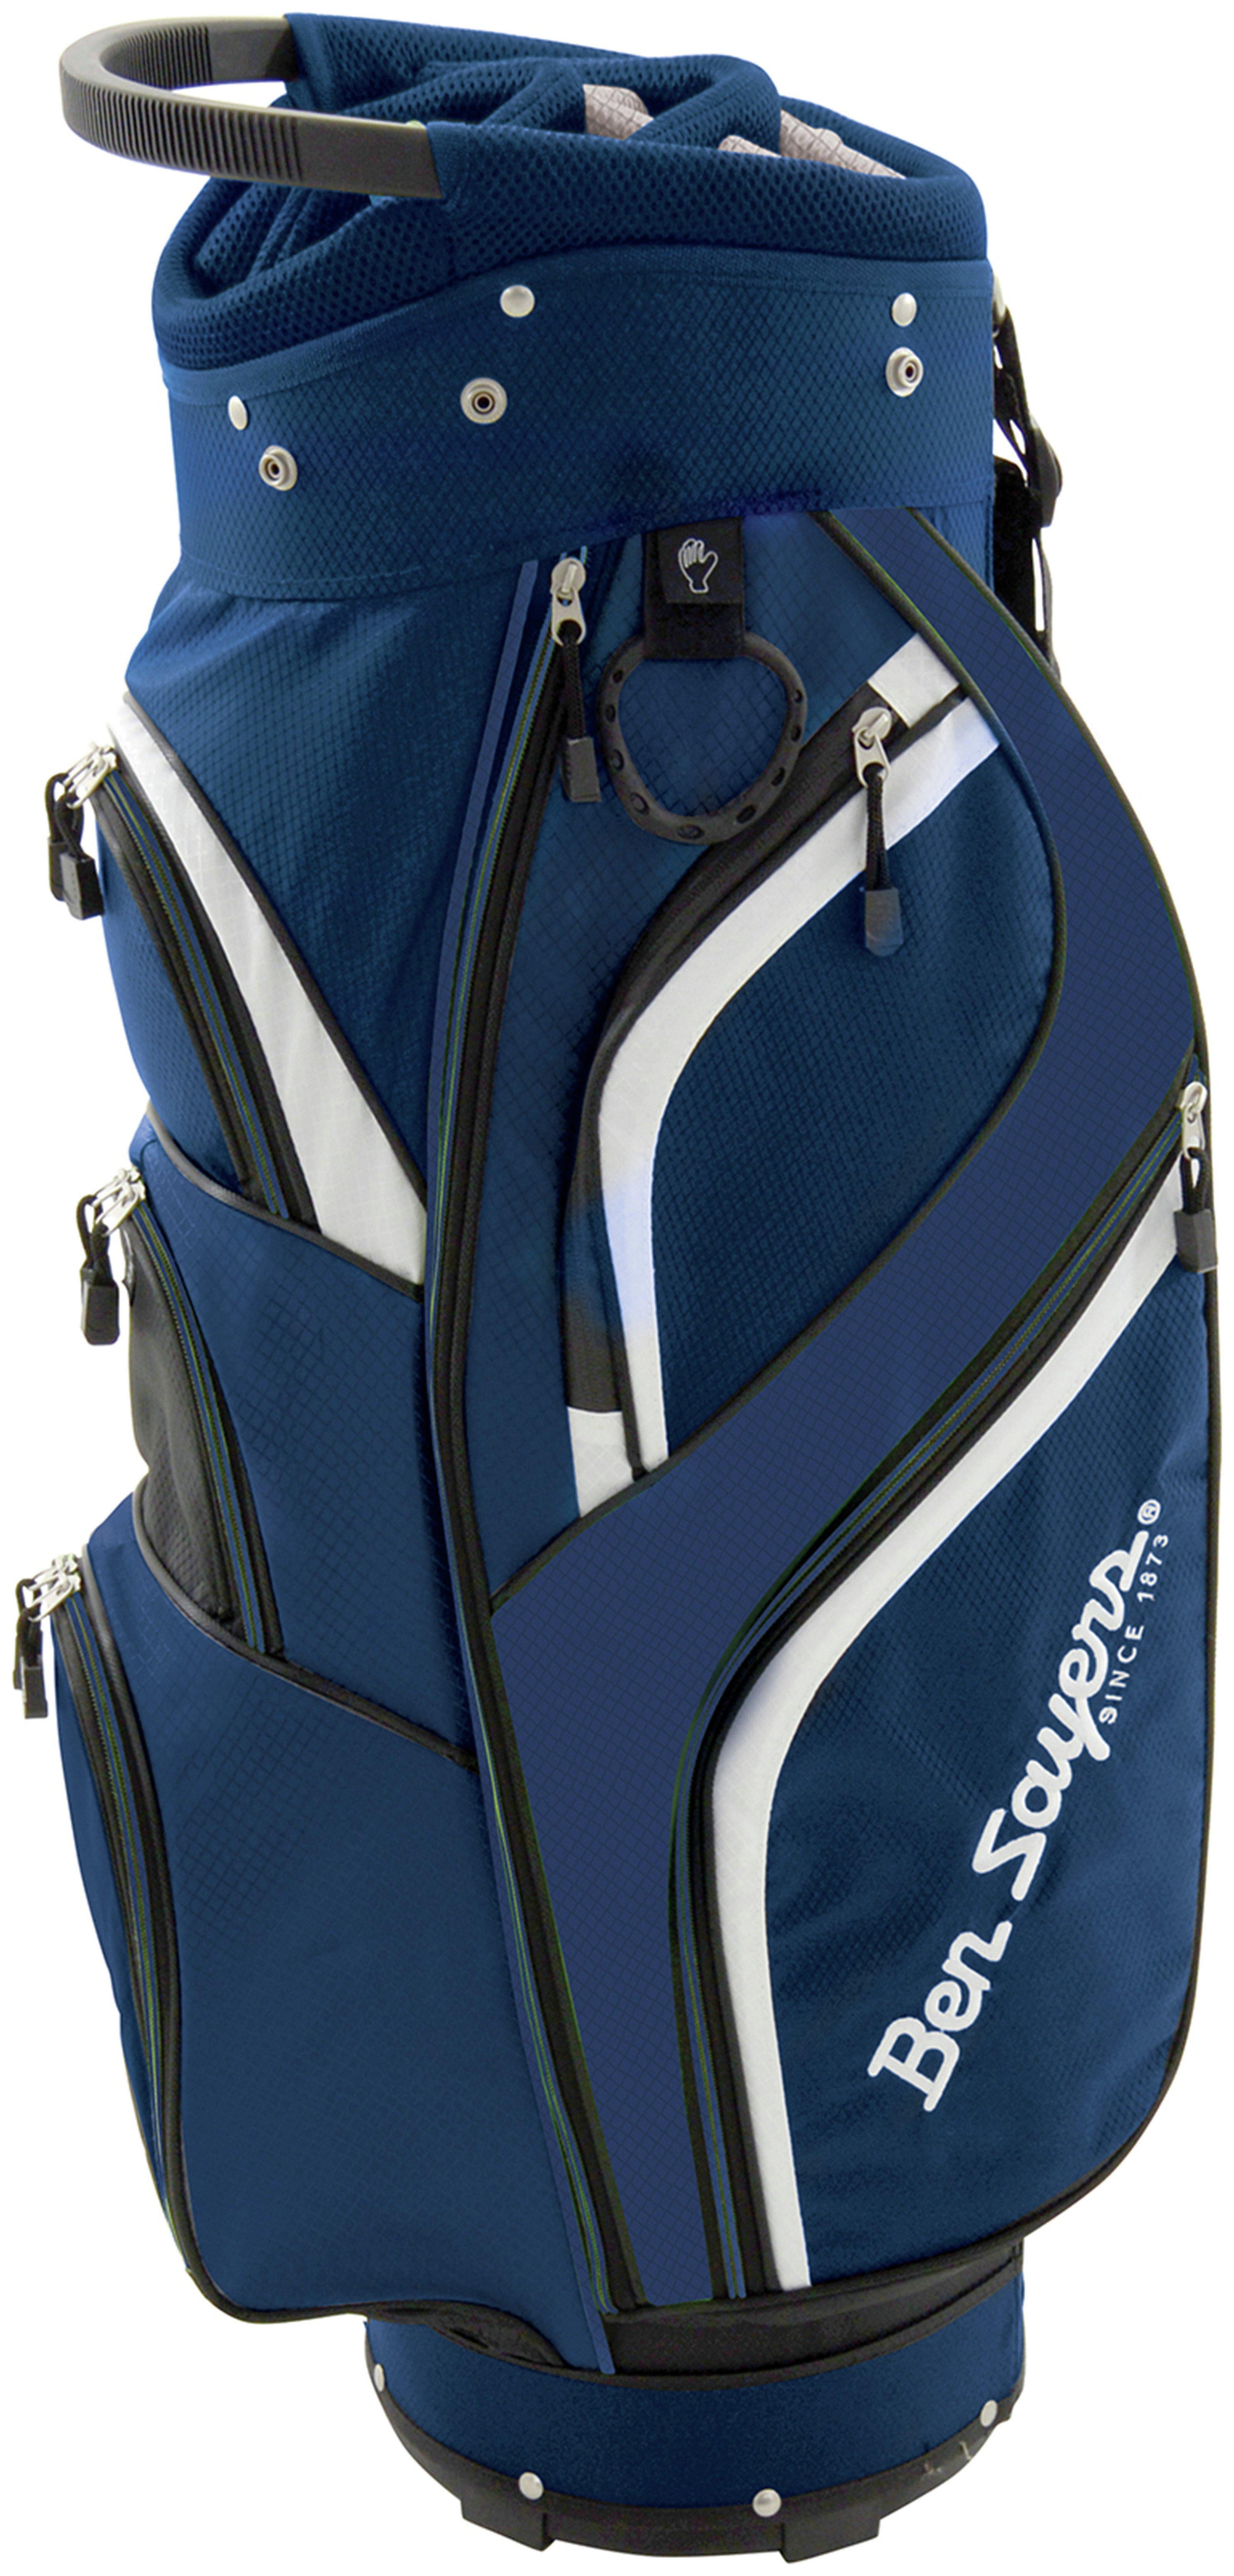 Ben Sayers 14 Way Deluxe Cart Bag - Blue